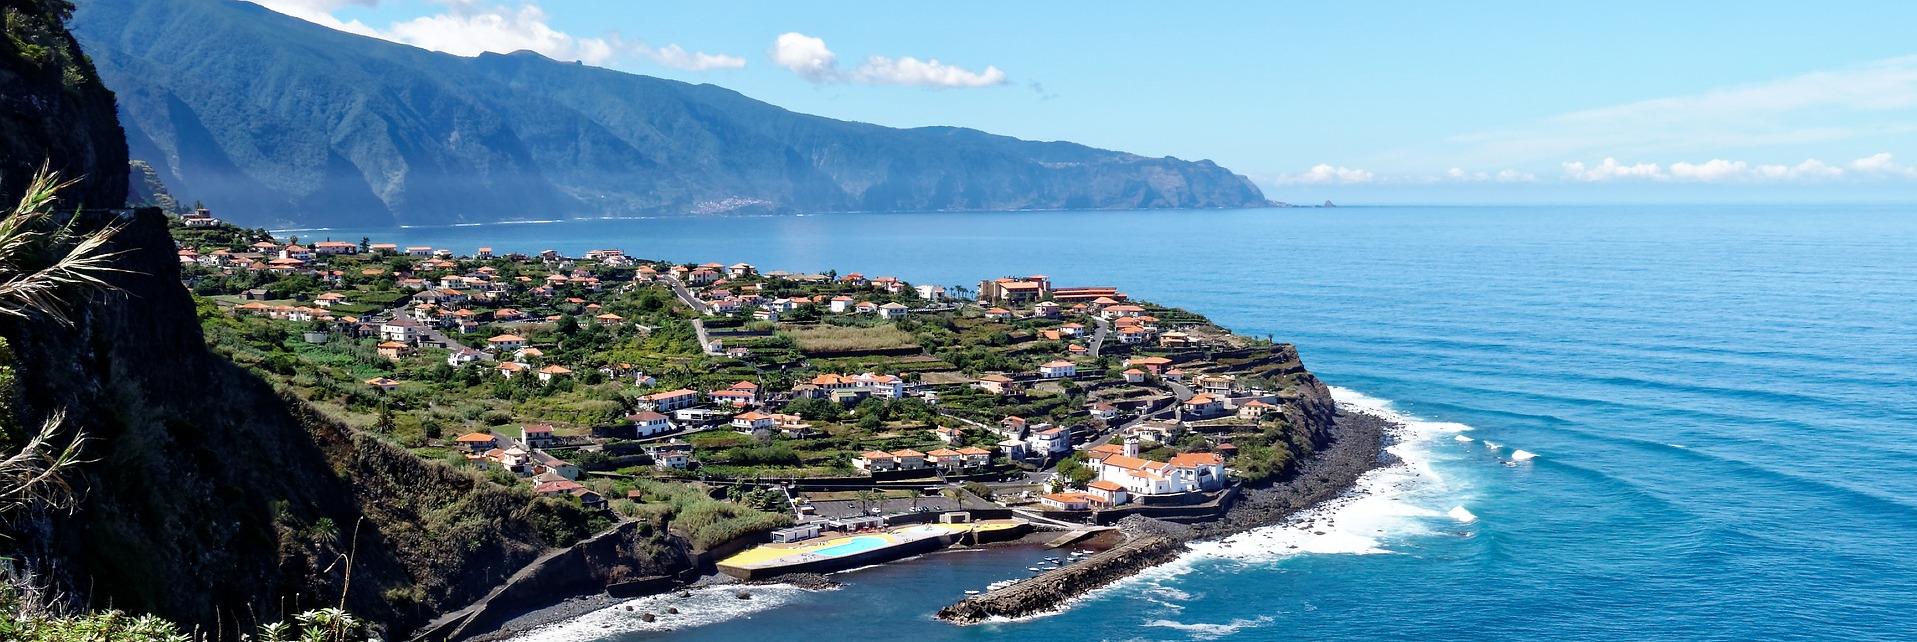 האי מדירה פורטוגל